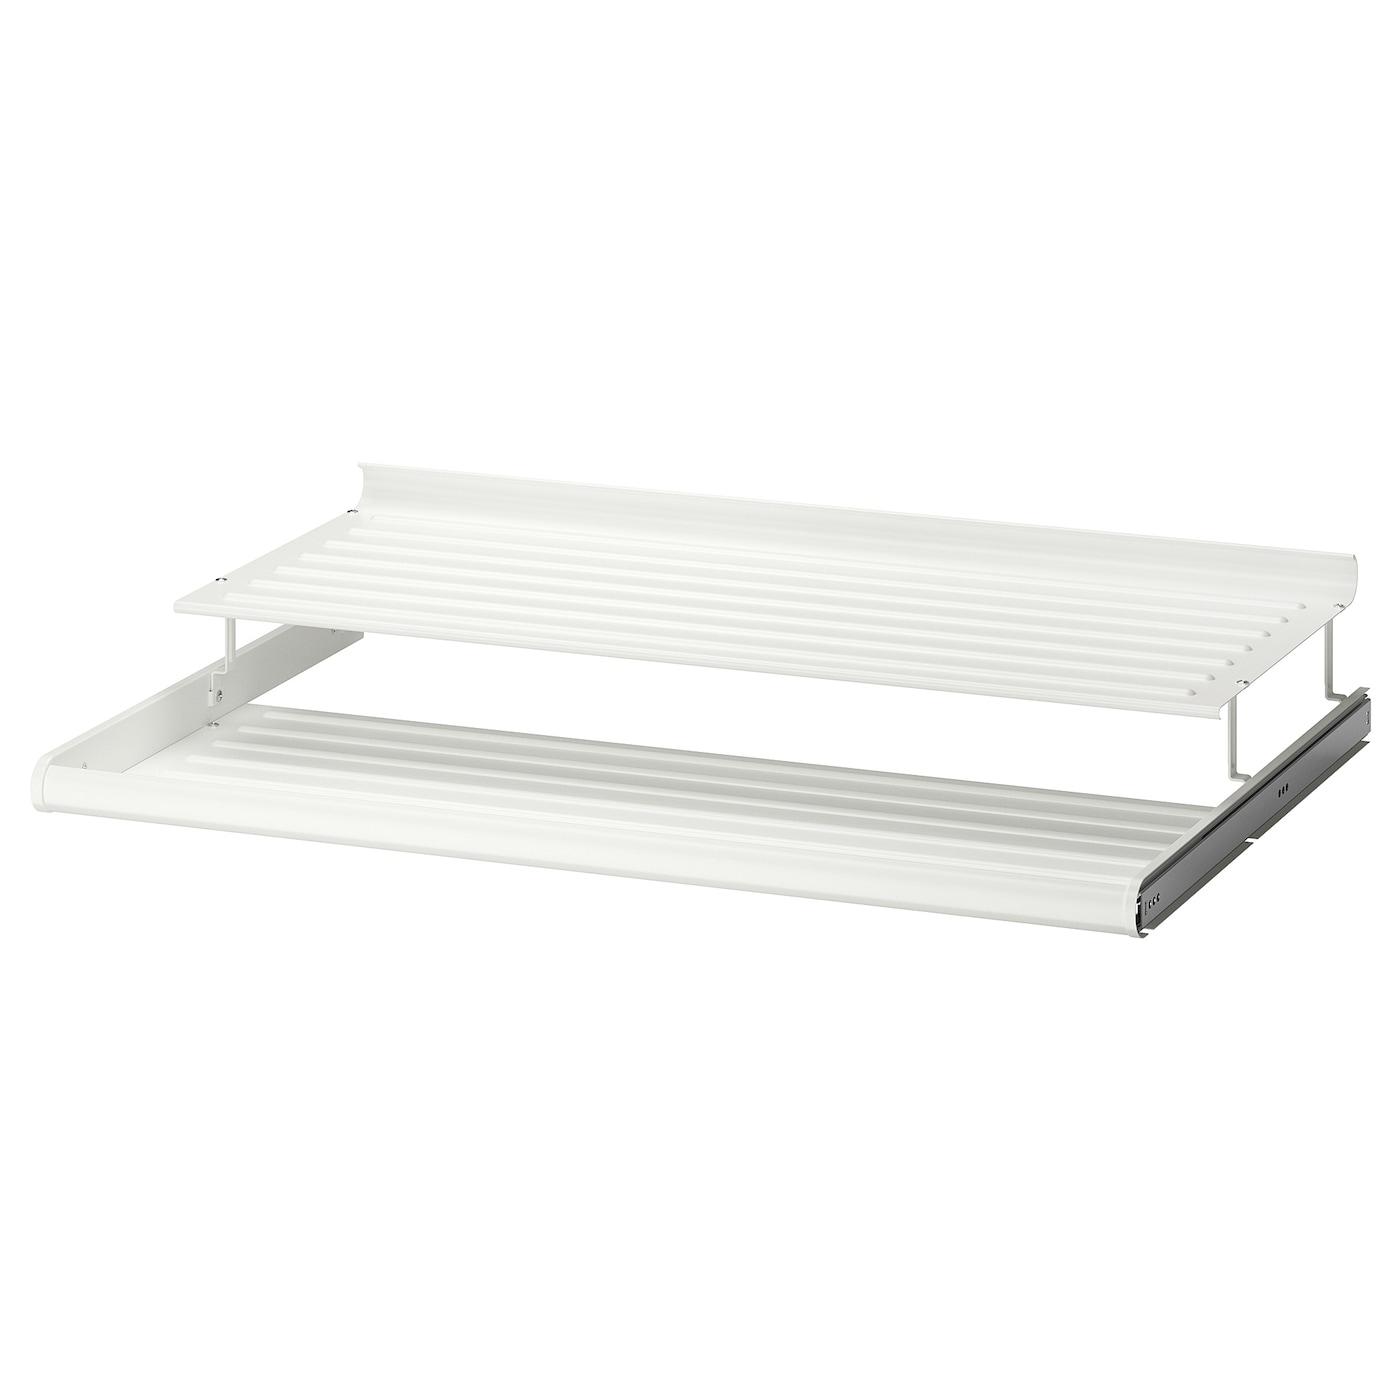 Komplement estante zapatero extra ble blanco 100 x 58 cm - Zapatero ikea blanco ...